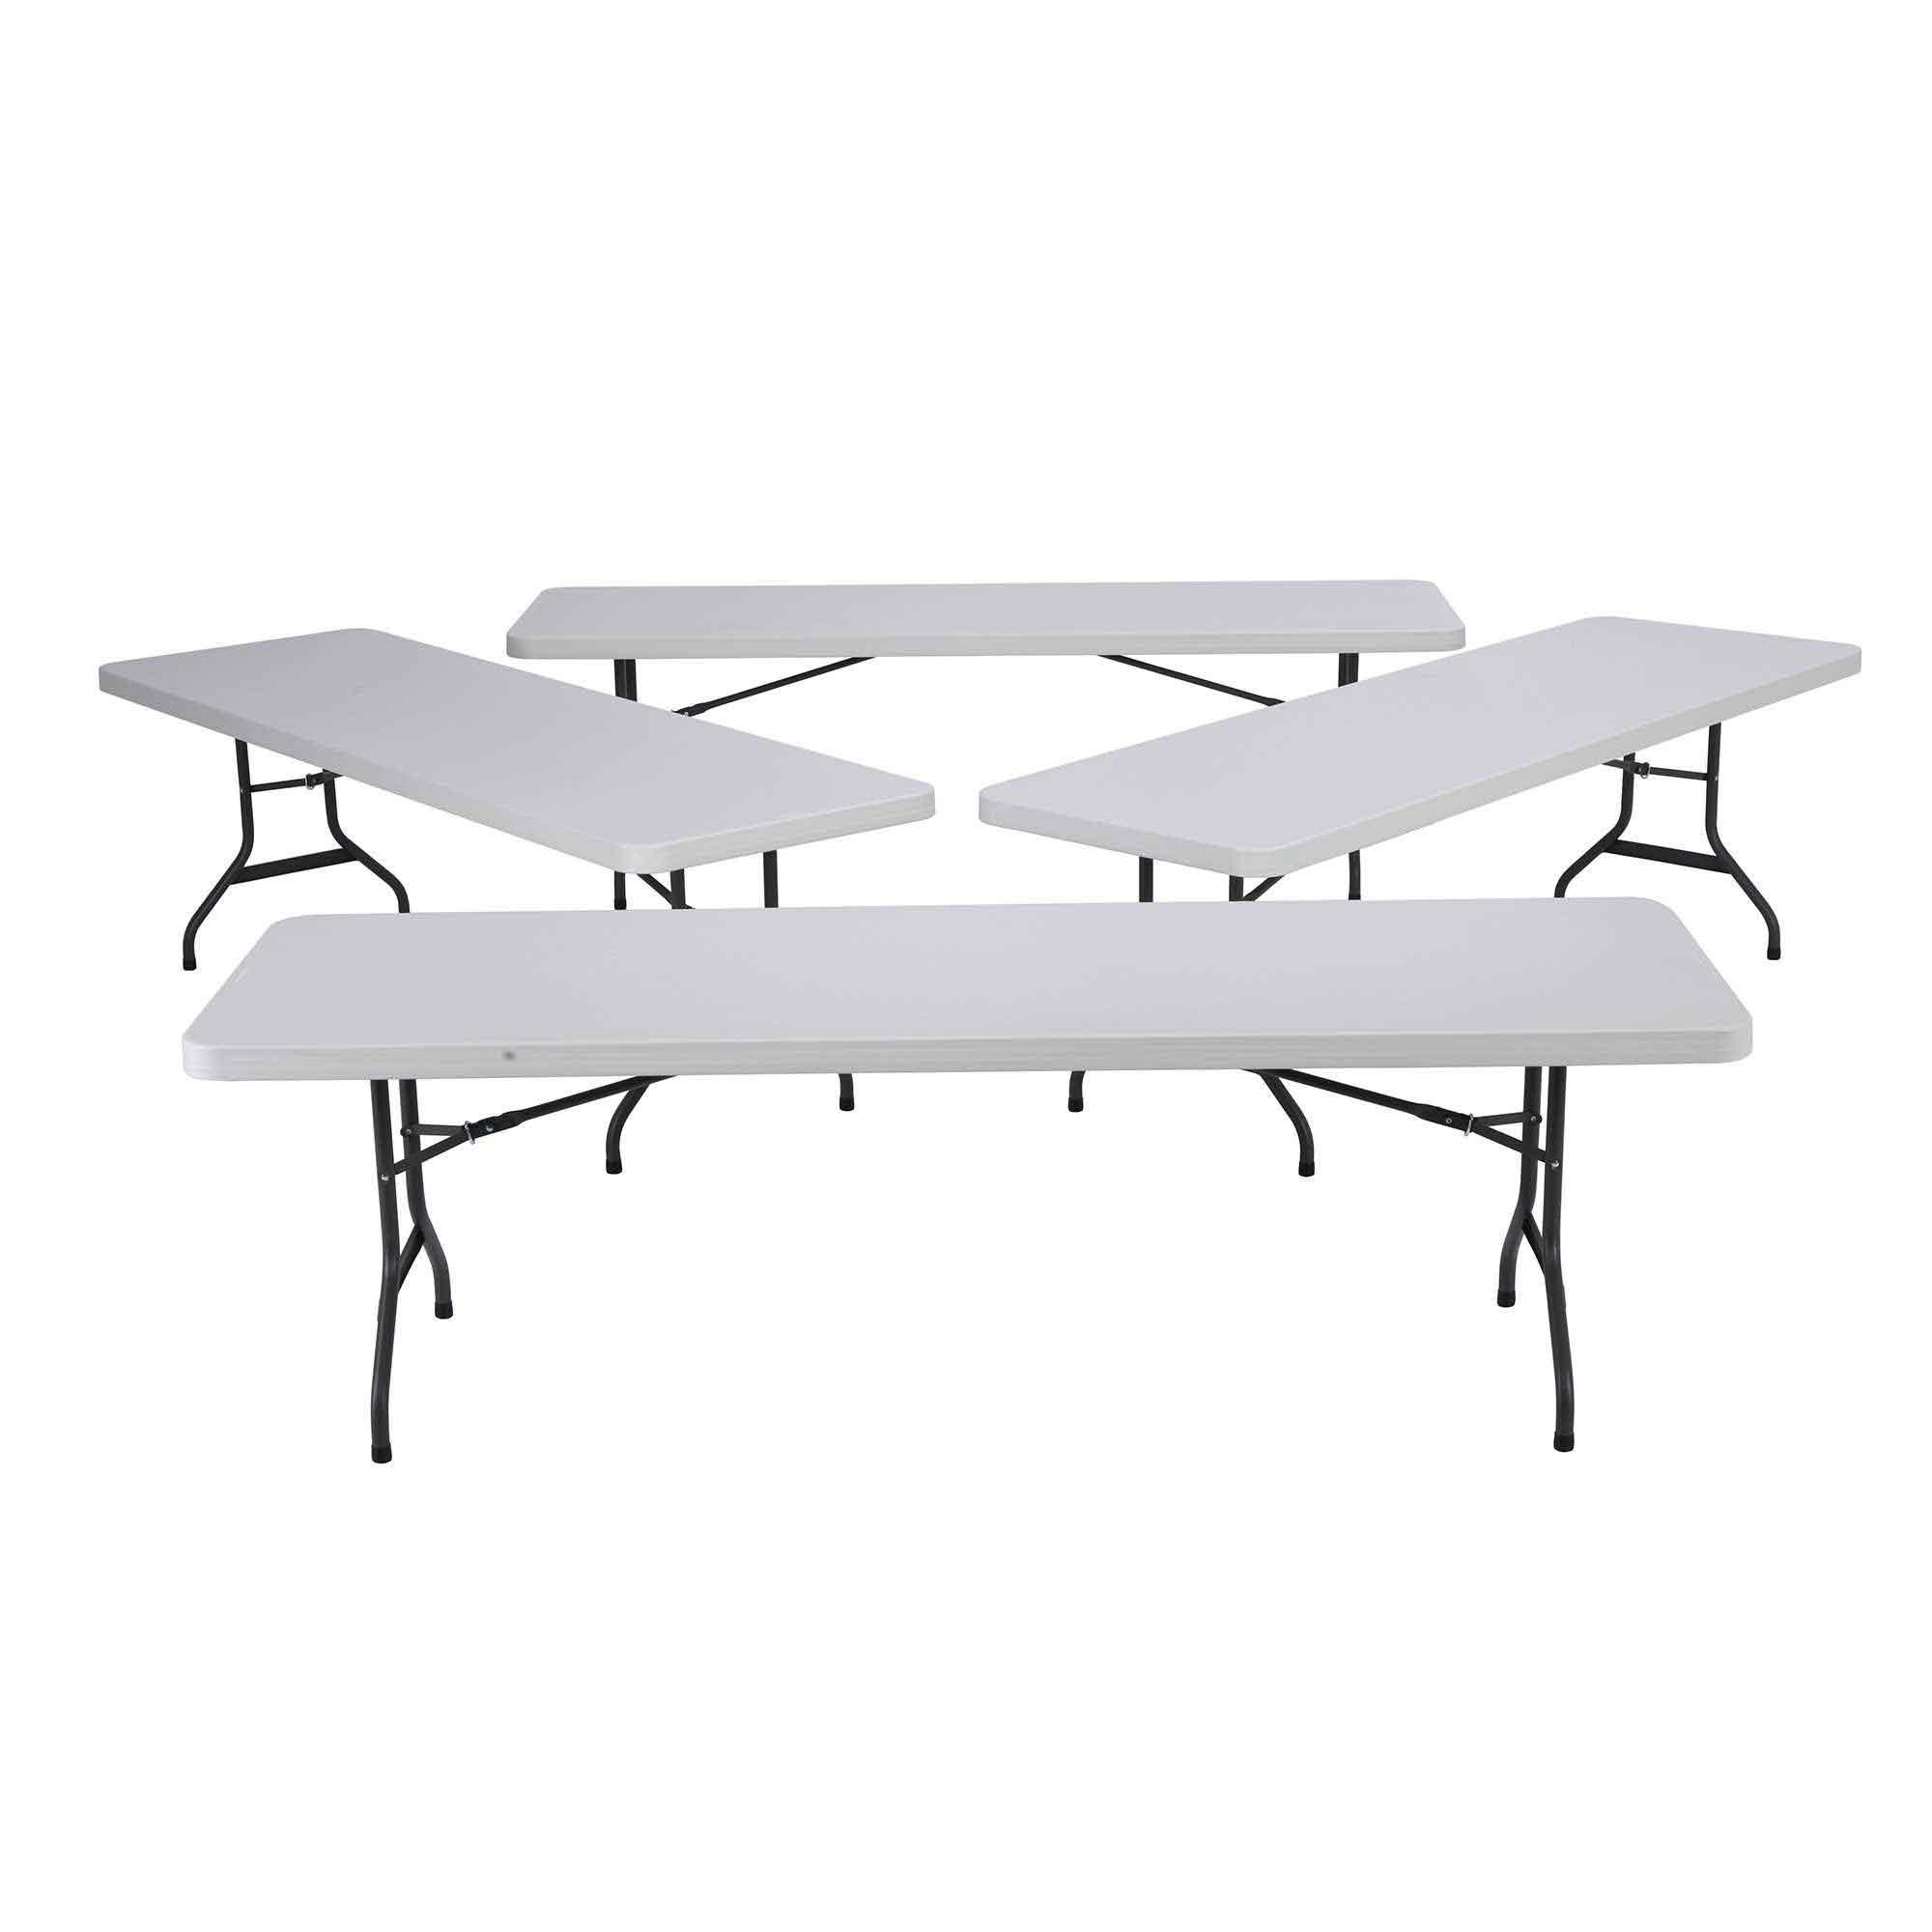 New 2980 4 Pack Lifetime 8 White Granite Folding Table